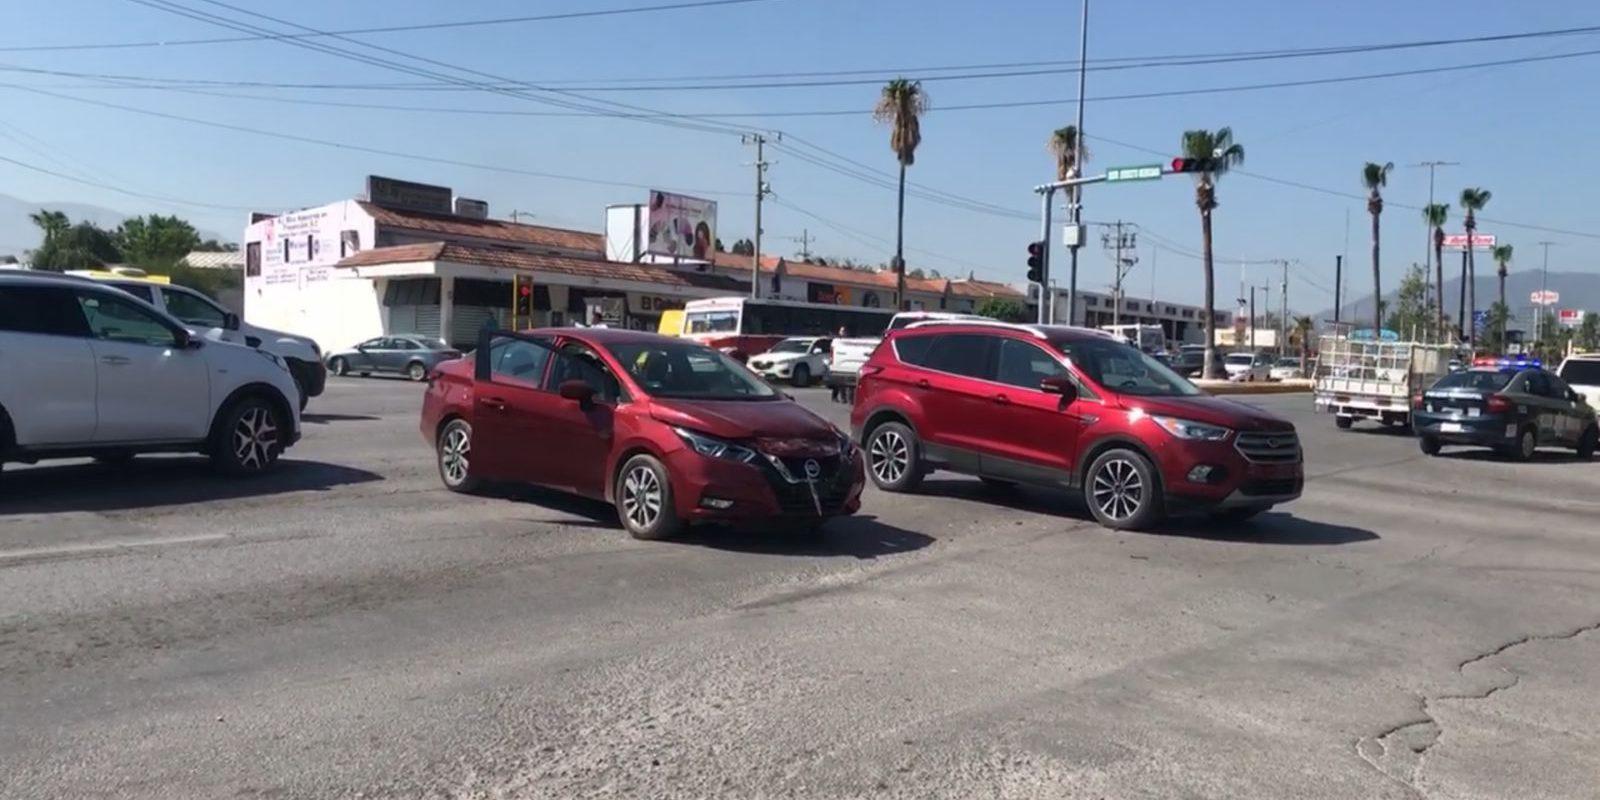 Policiaca: Texano se pasa semáforo en rojo y provoca choque carambola en el Bulevar Pape de Monclova